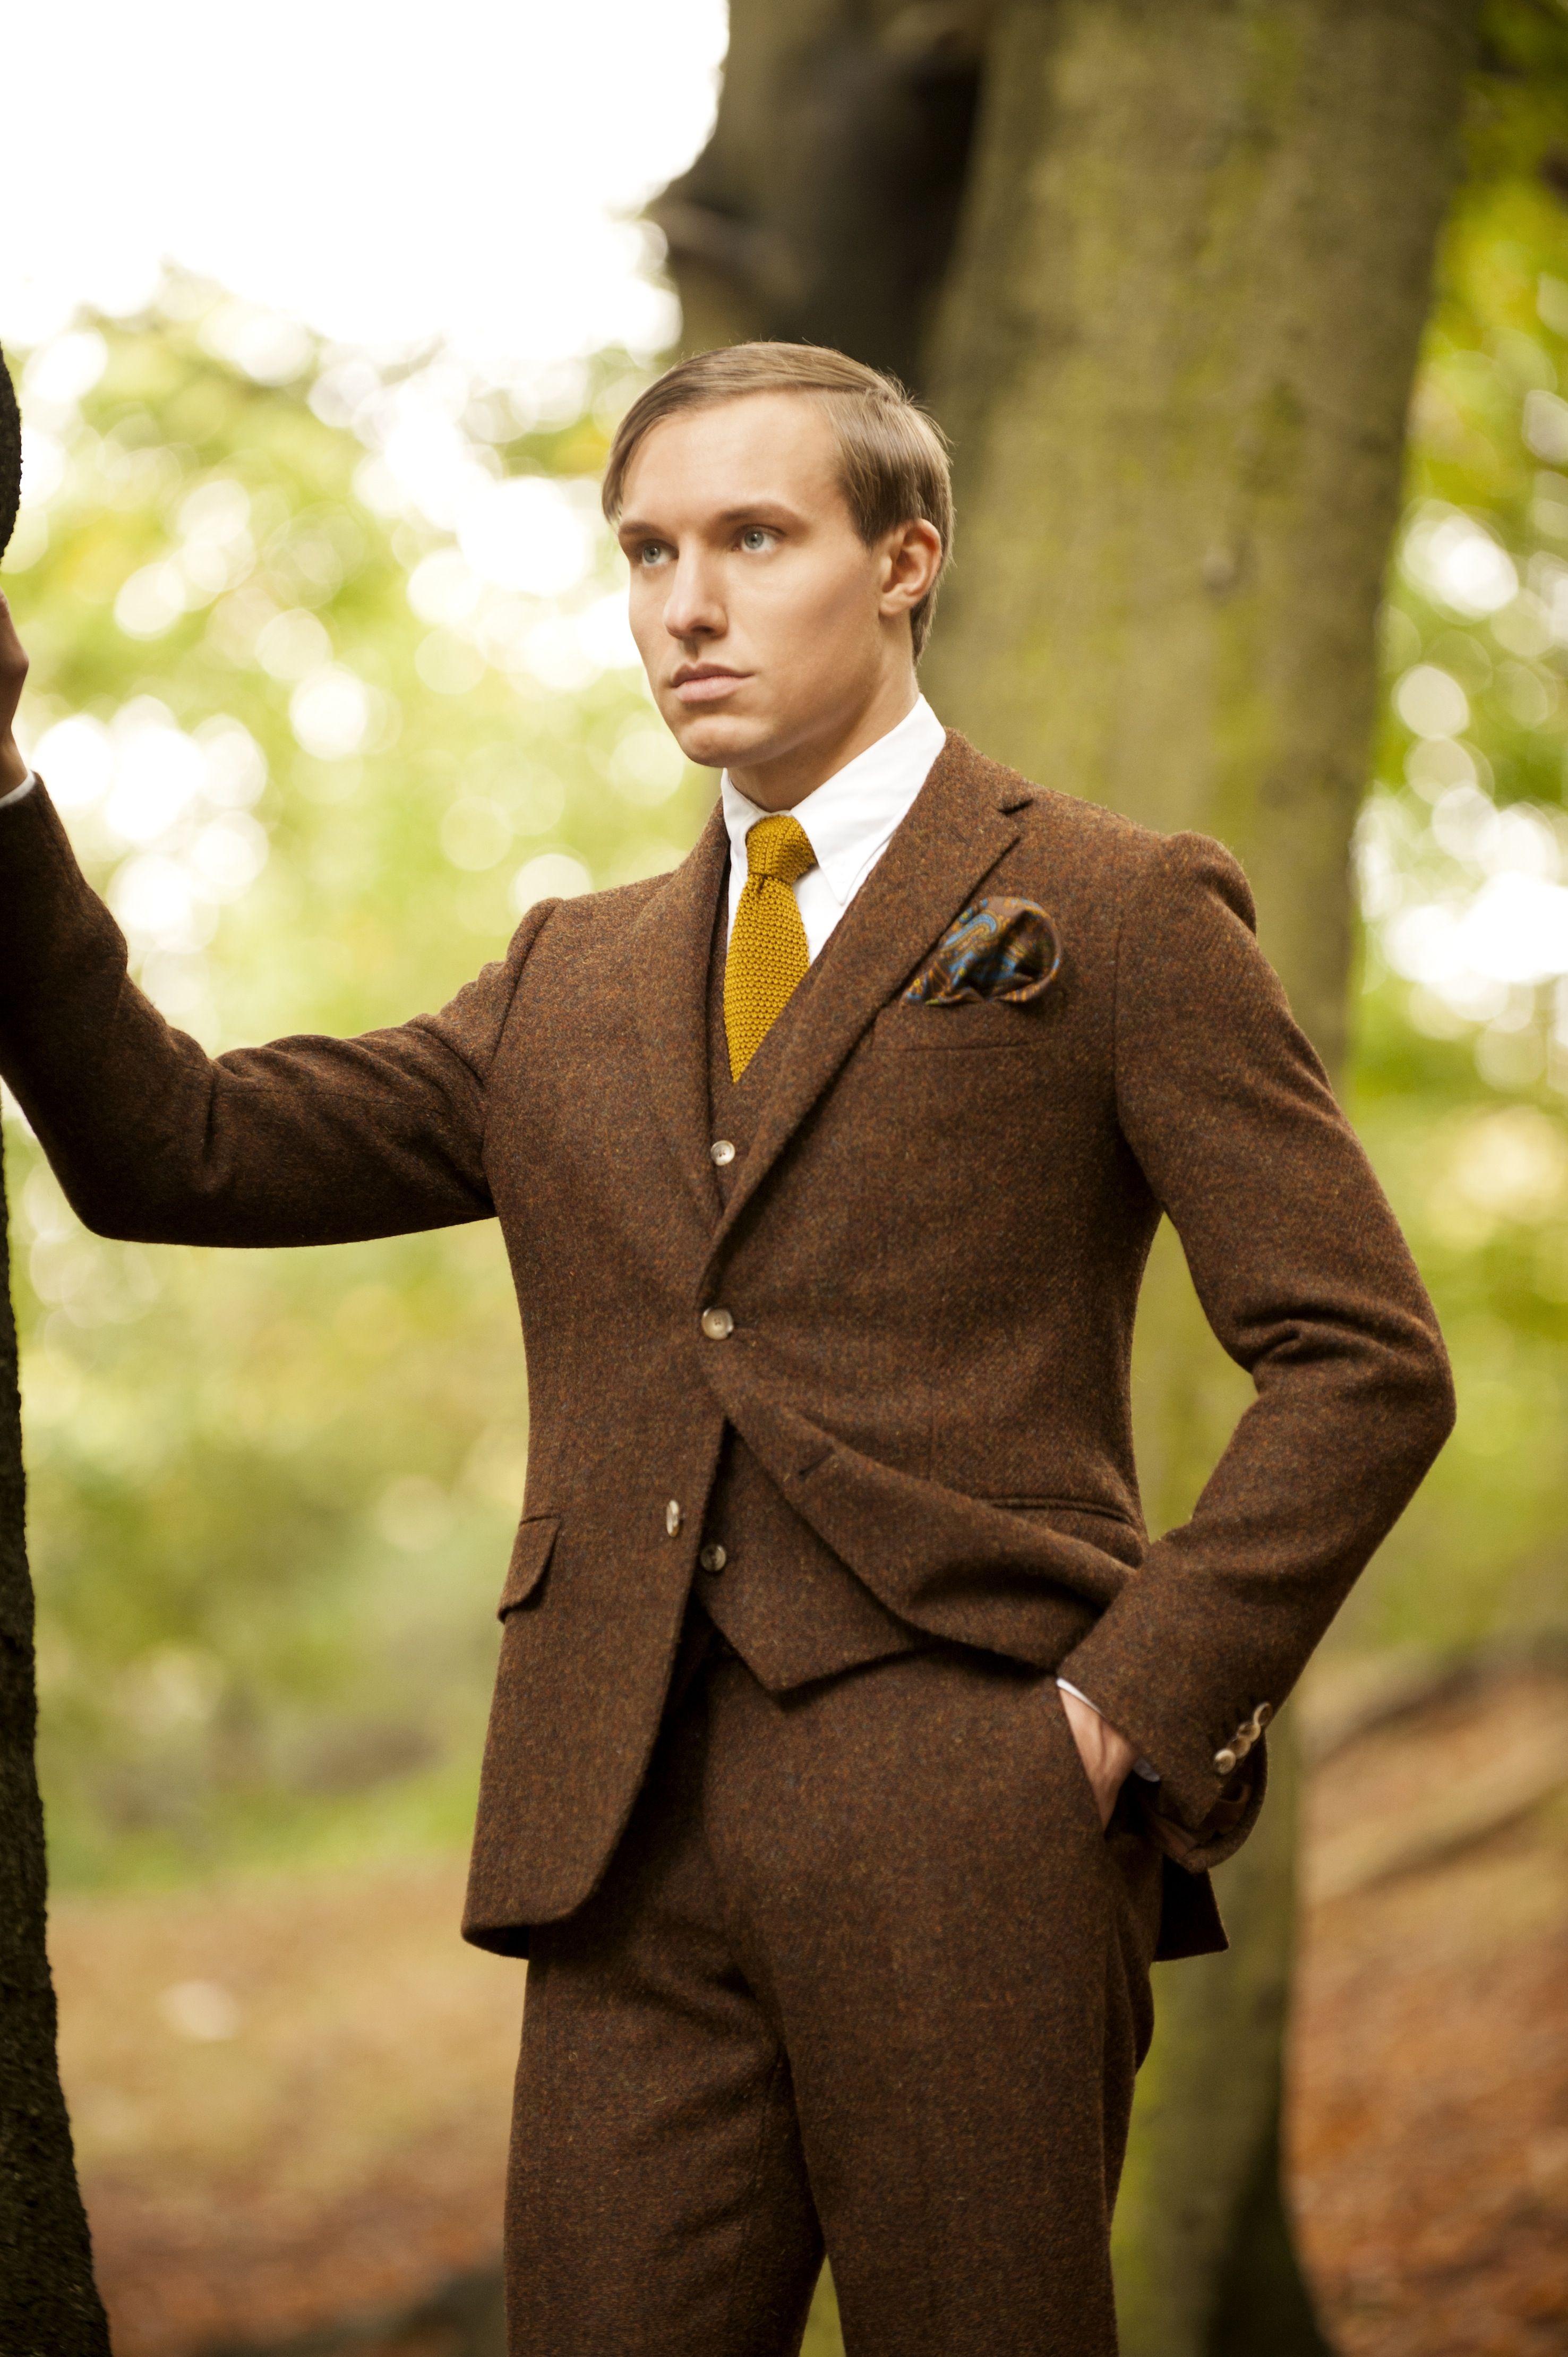 Custom made Harris Tweed 3 piece suit by Doherty Evans & Stott ...